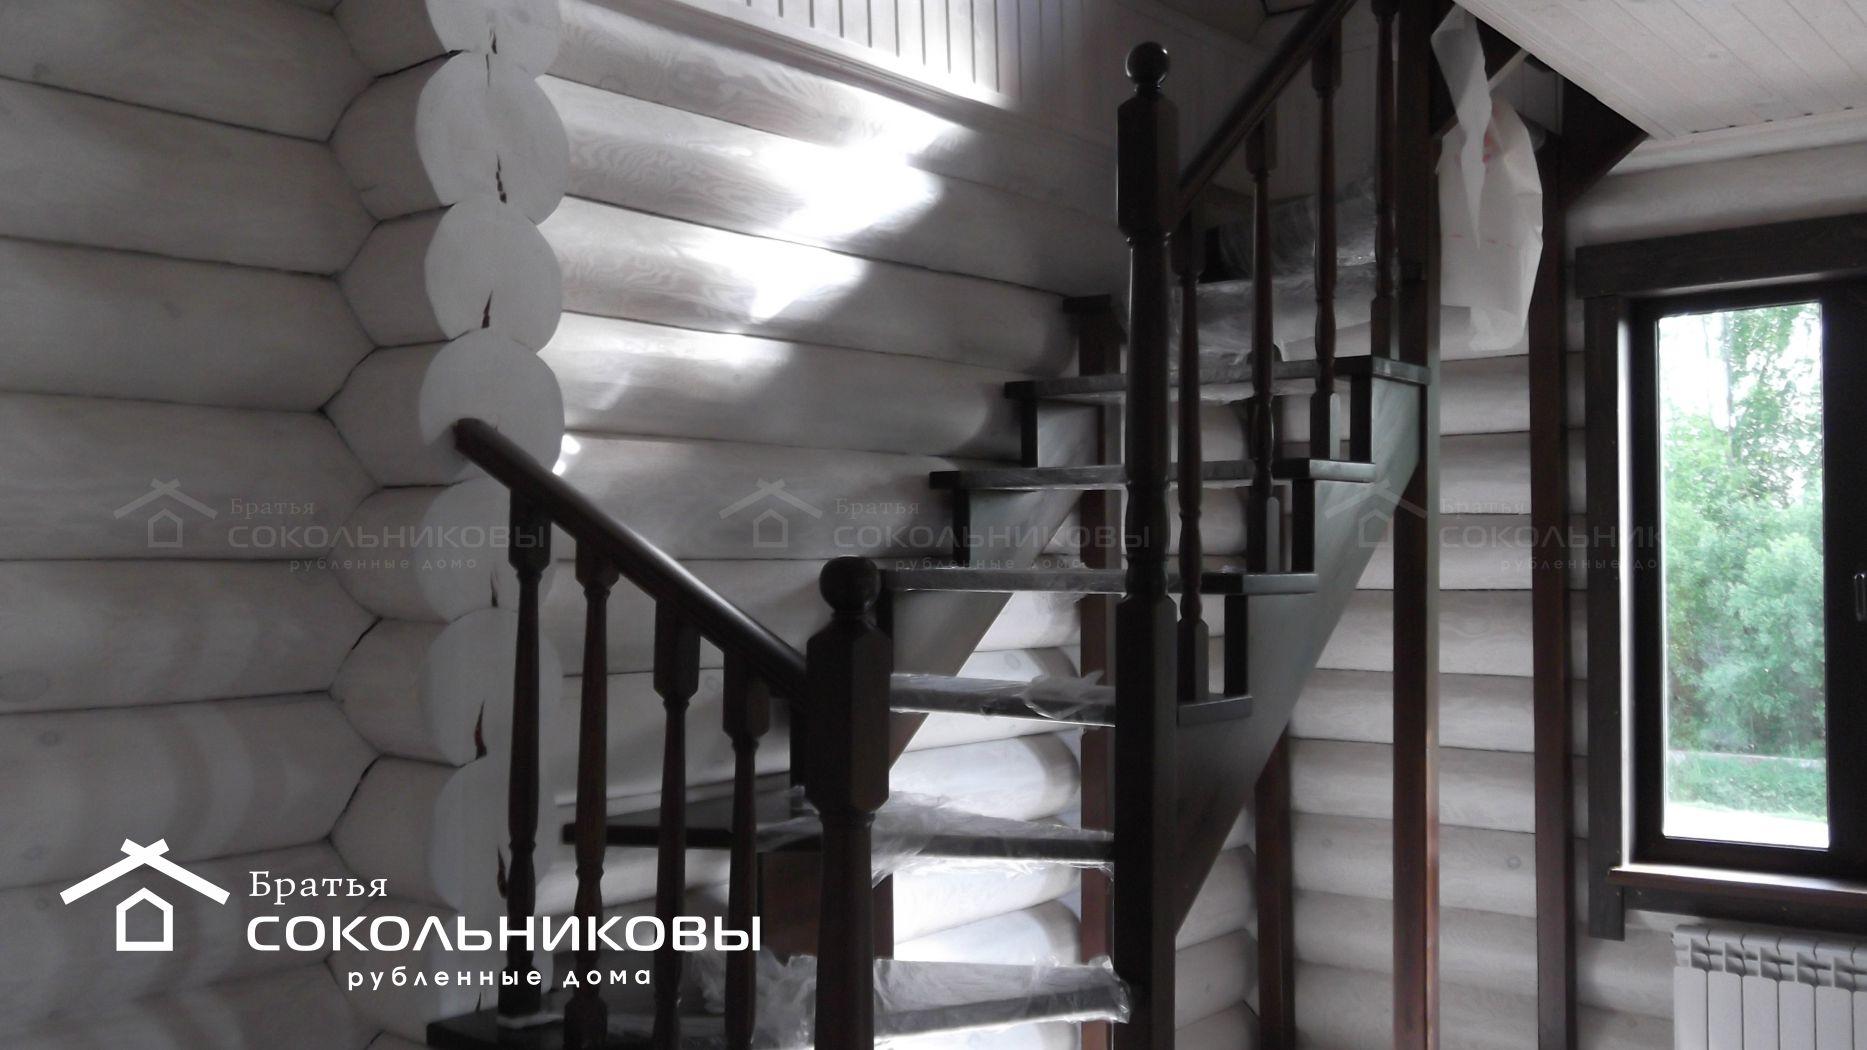 Дом под рубанок, 186 кв. м, фото 4